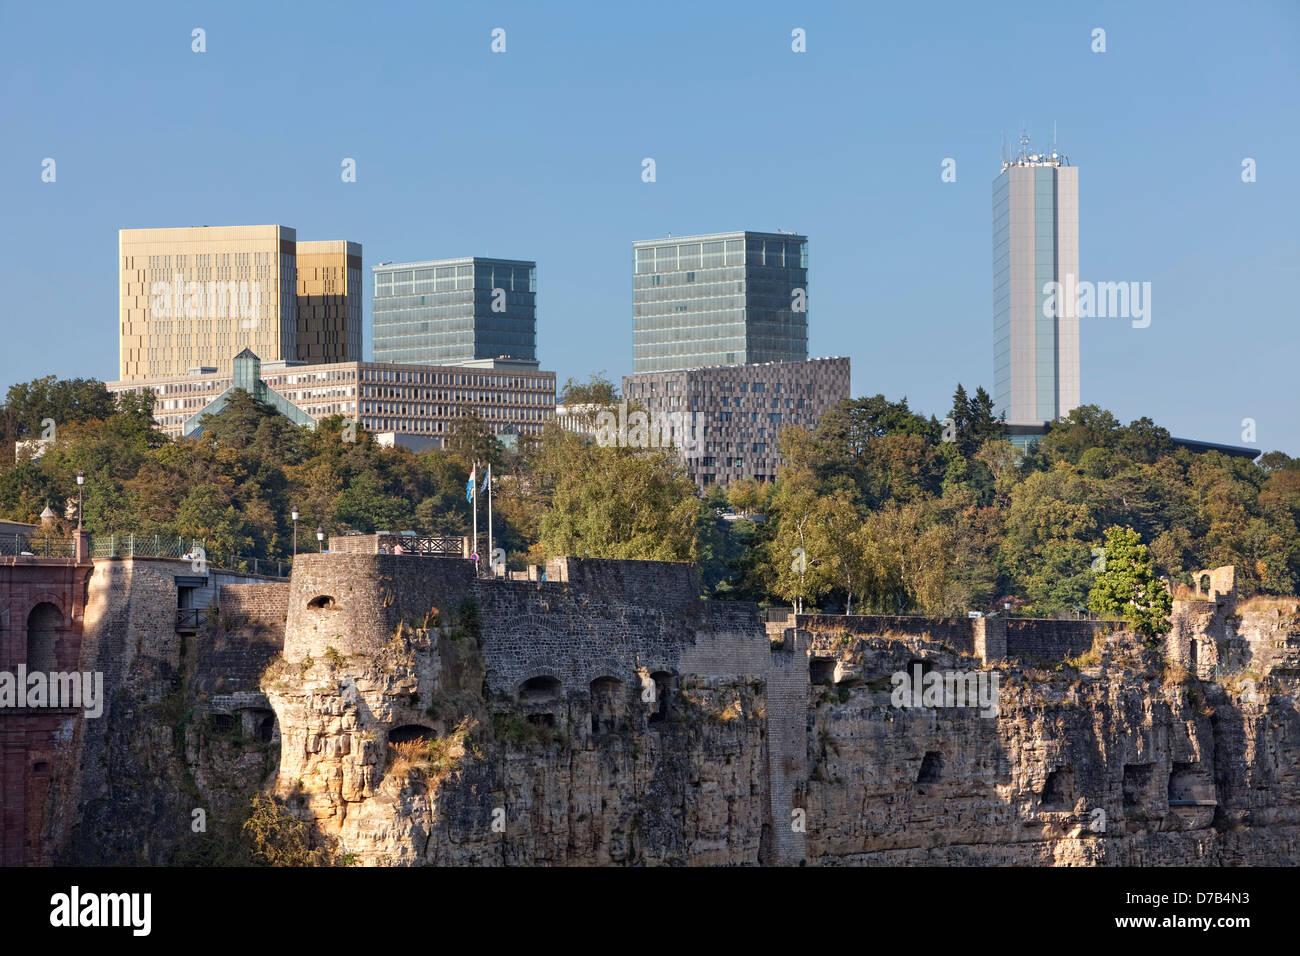 Vista degli edifici dell'UE nel quartiere europeo, Kirchberg-Plateau, città di Lussemburgo Immagini Stock